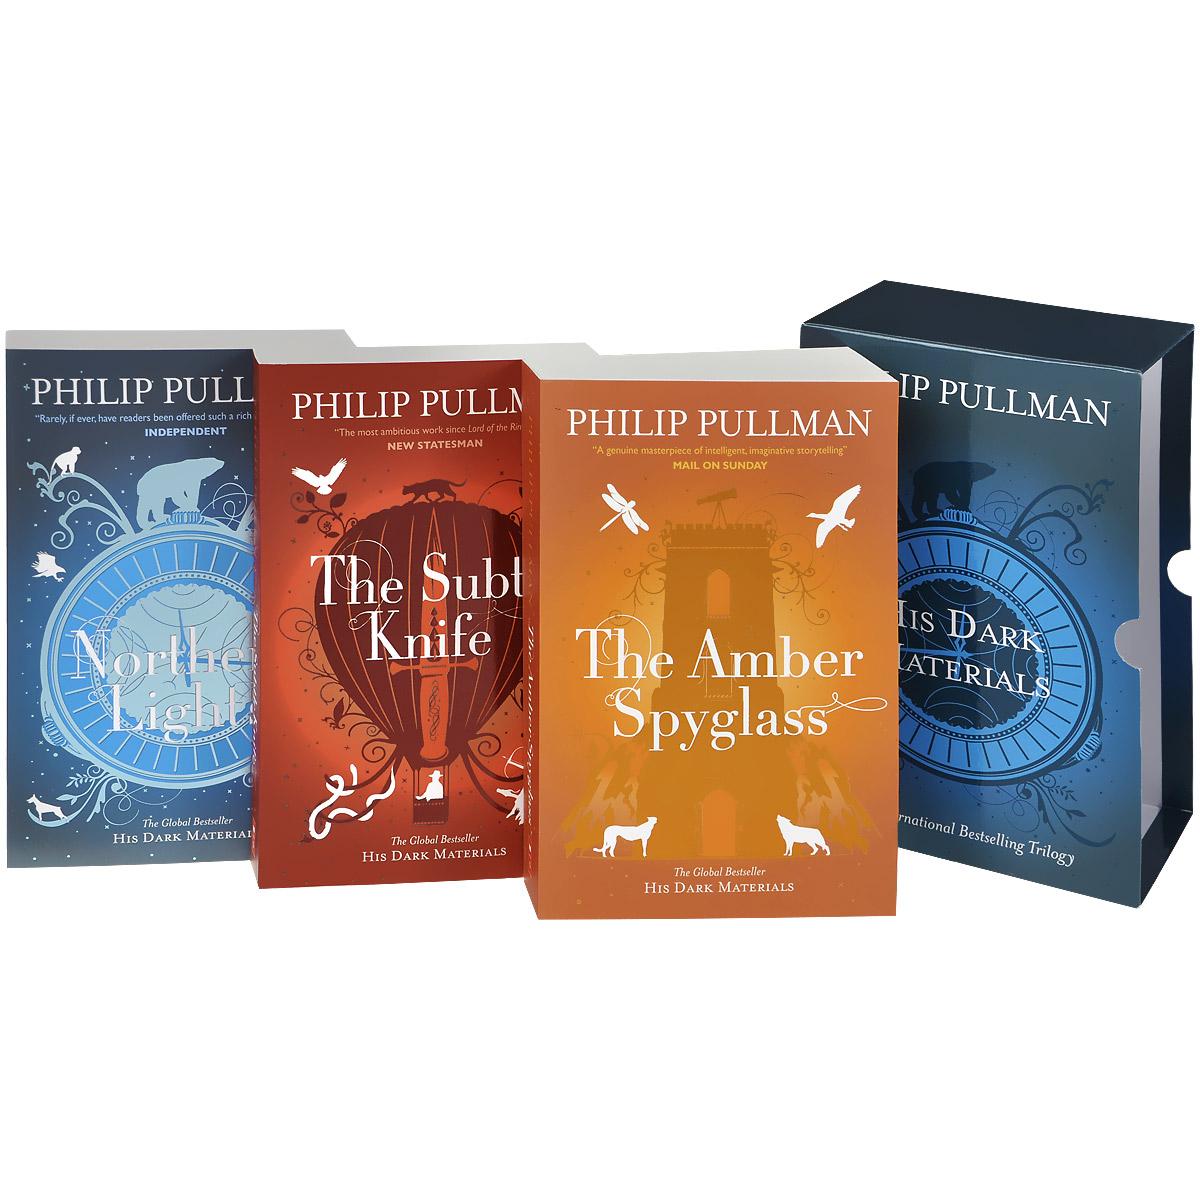 His Dark Materials (комплект из 3 книг)